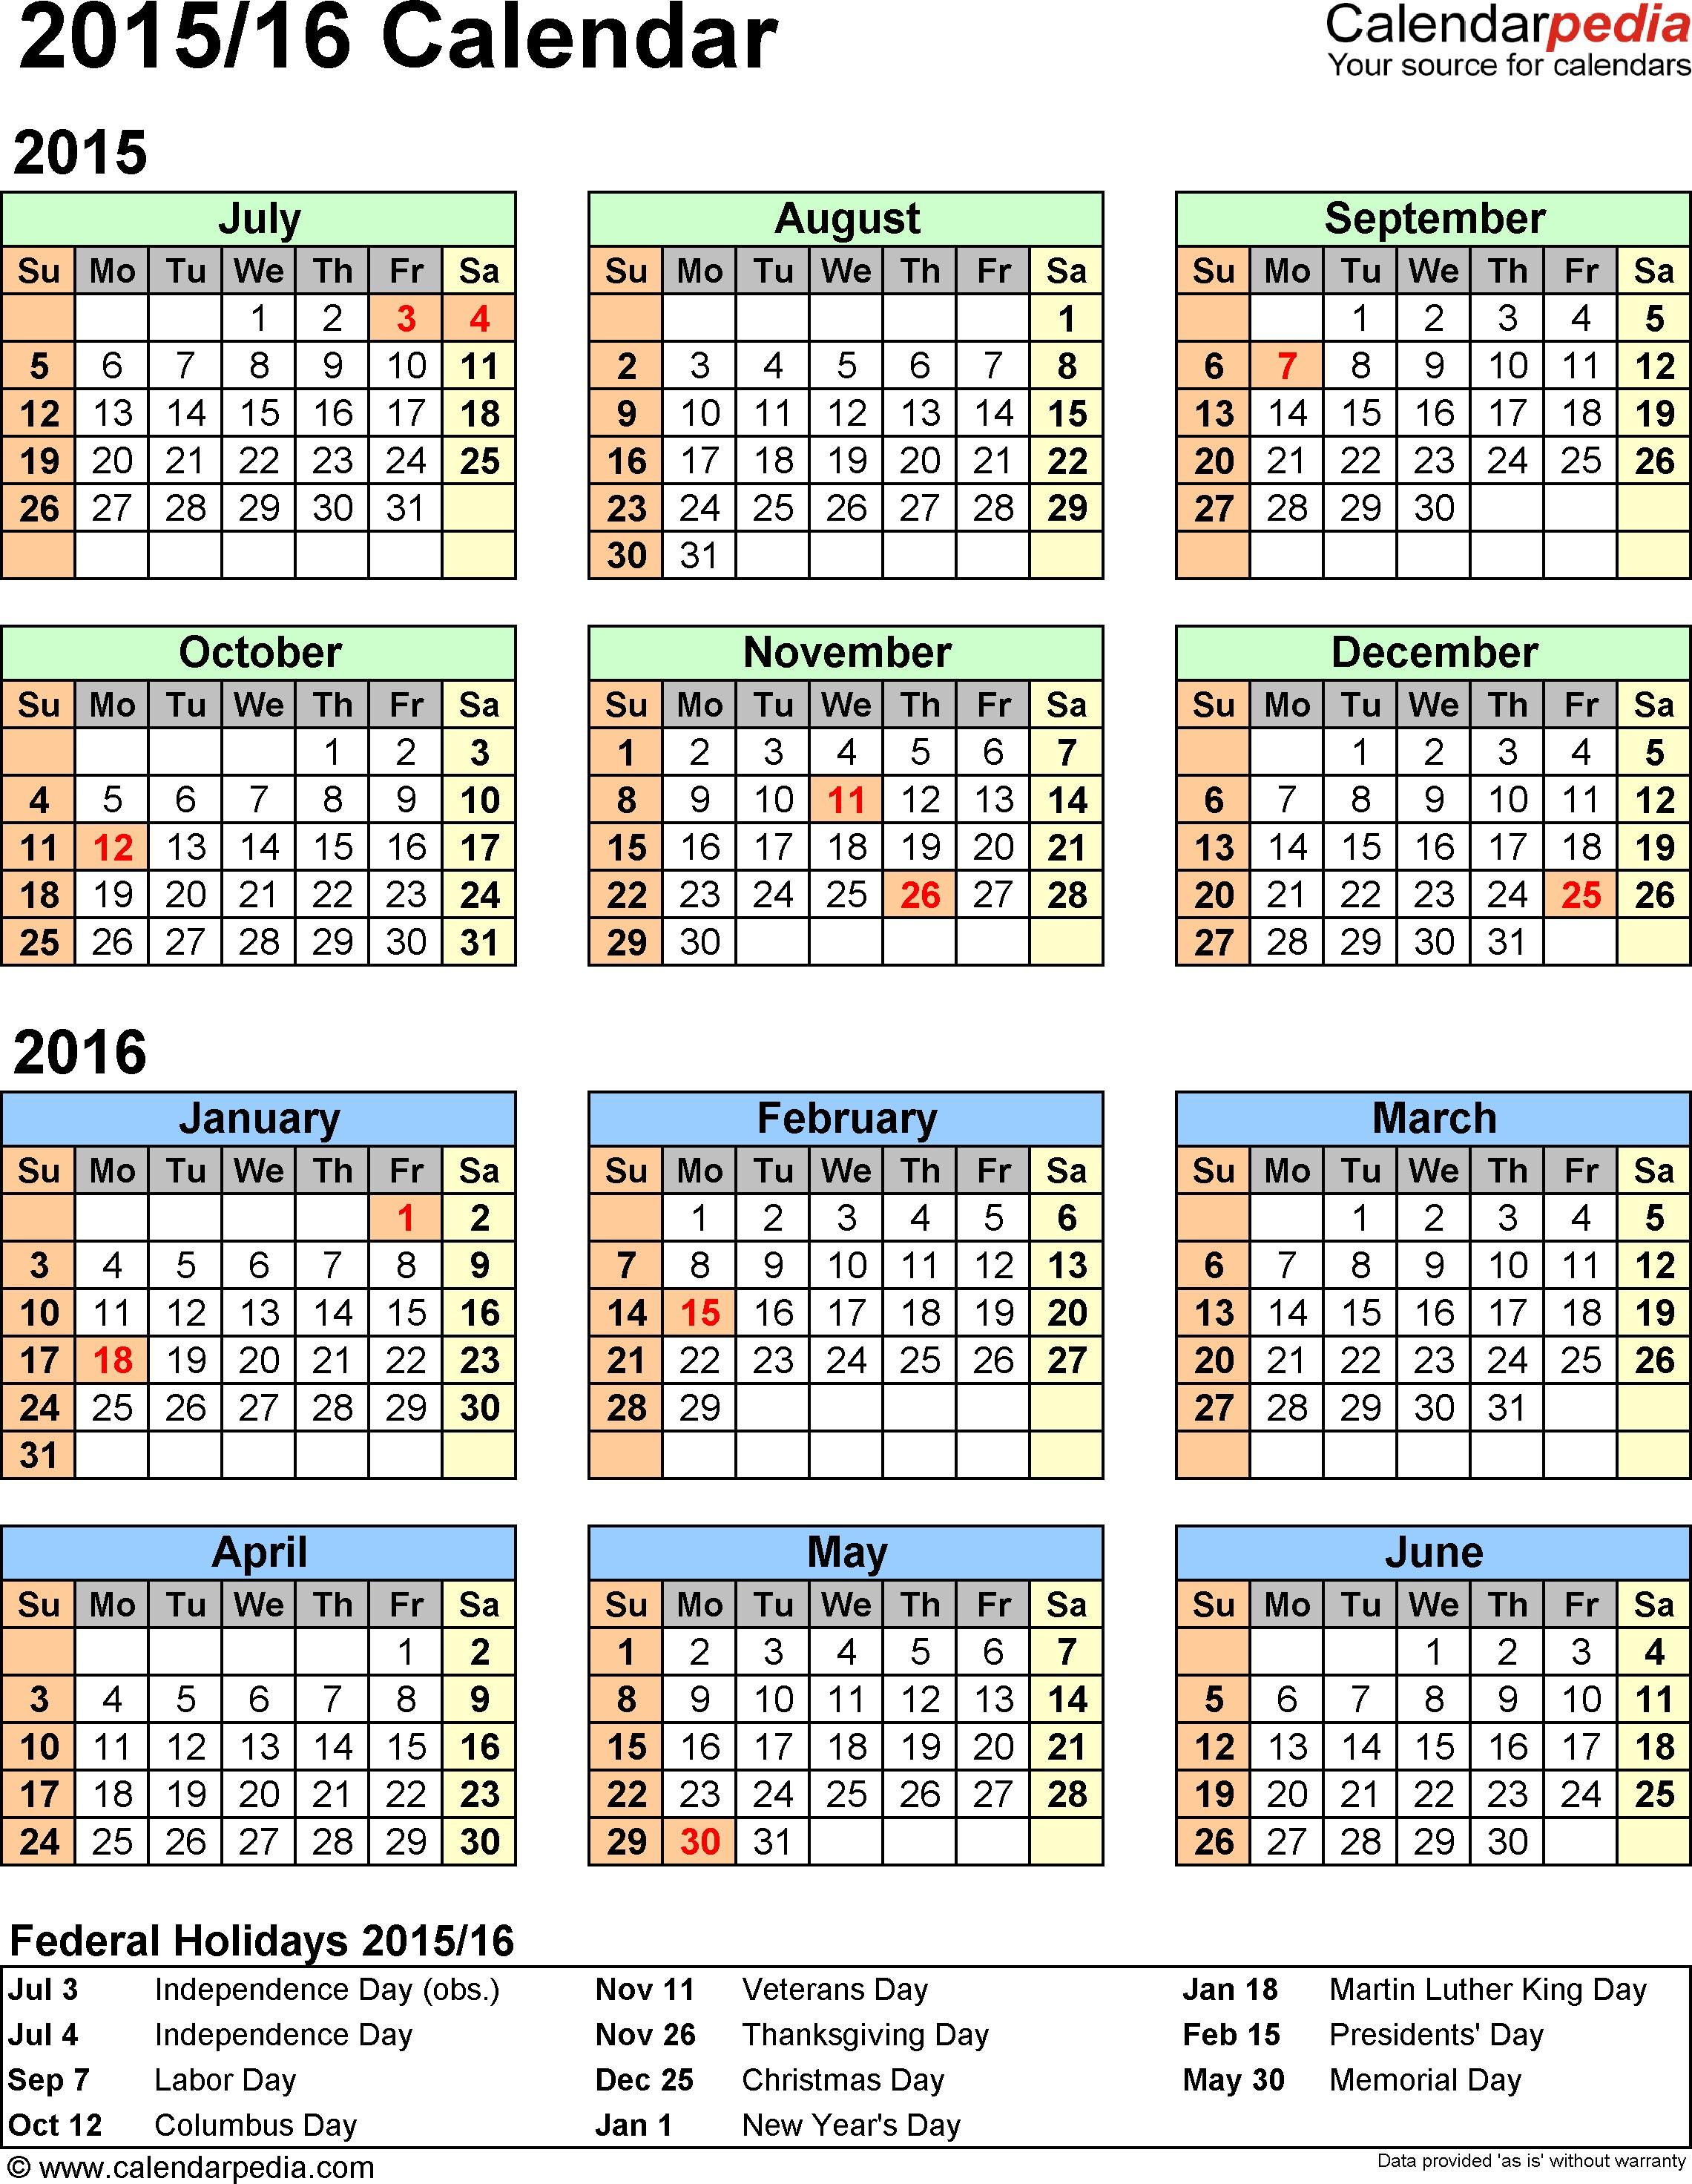 March 2019 Calendar Lala Ramswaroop Más Recientes Calendar 2016 Hindi Lala Ramswaroop Of March 2019 Calendar Lala Ramswaroop Más Recientemente Liberado Media to Get Lala Ramswaroop Calendar 2019 Pdf Download Calendar